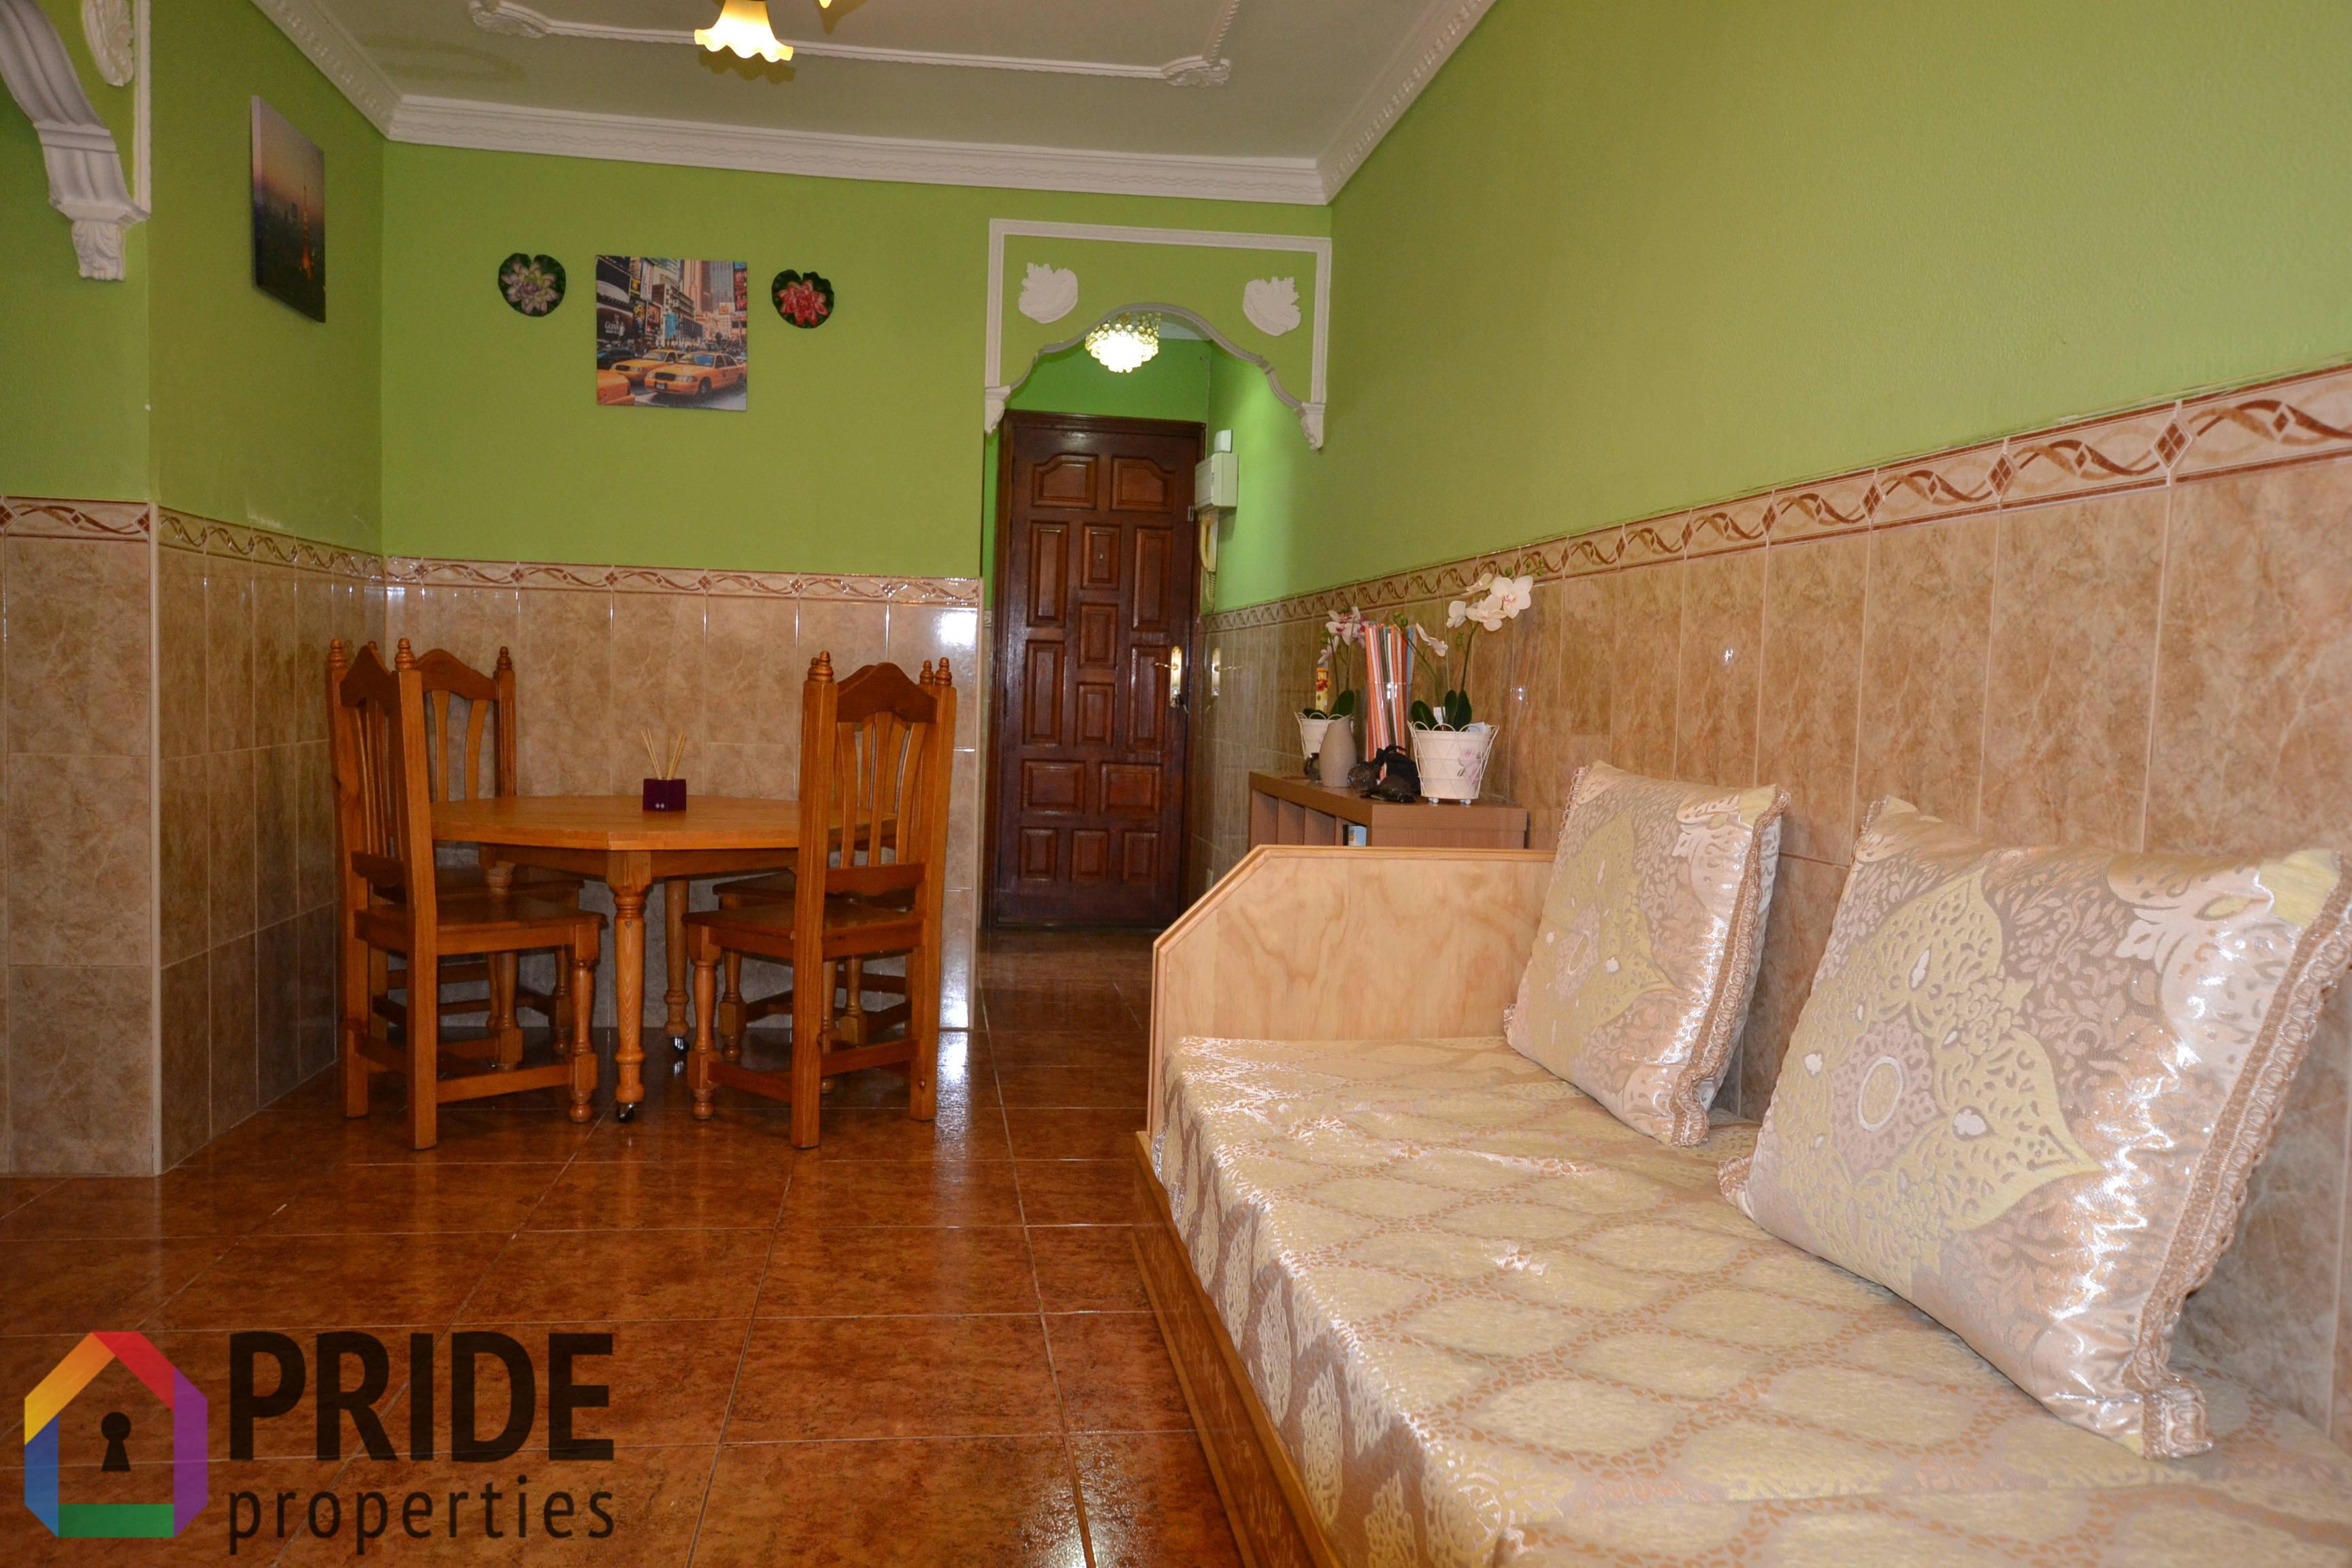 San fernando area 3 bedroom apartment - 3 bedroom apartments san fernando valley ...